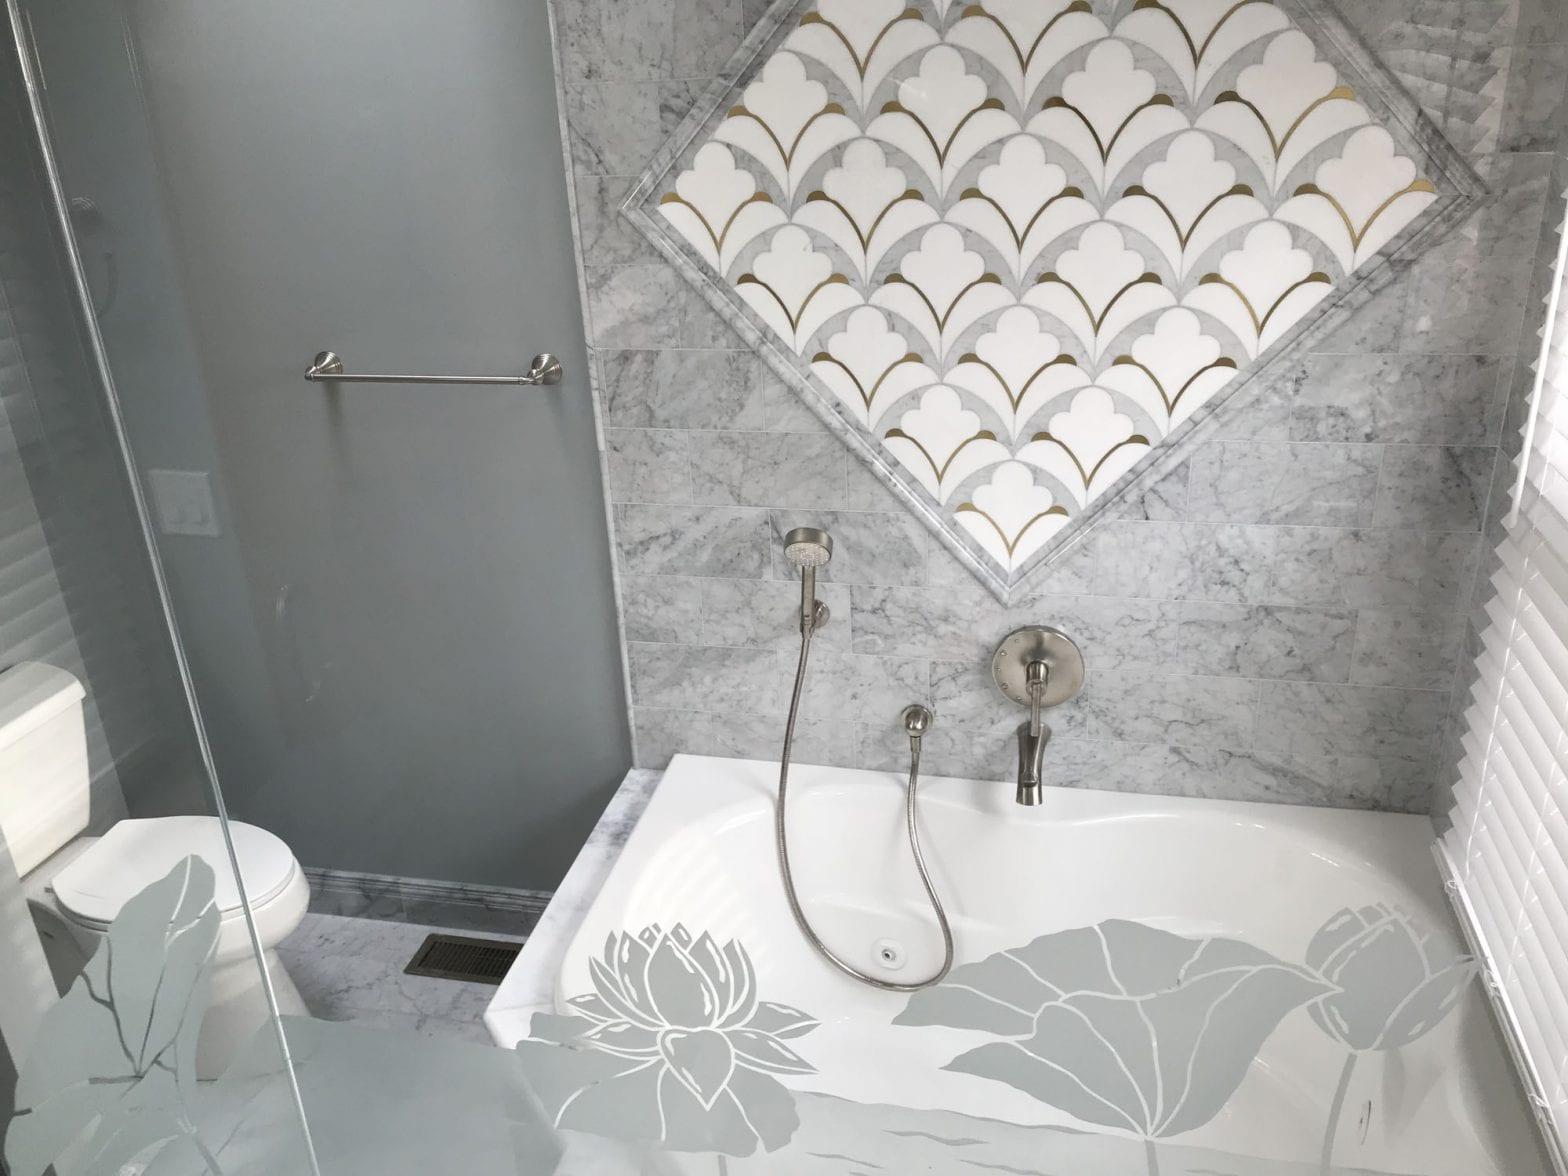 Master bathroom remodeling in Hoffman Estates - new tile and shower